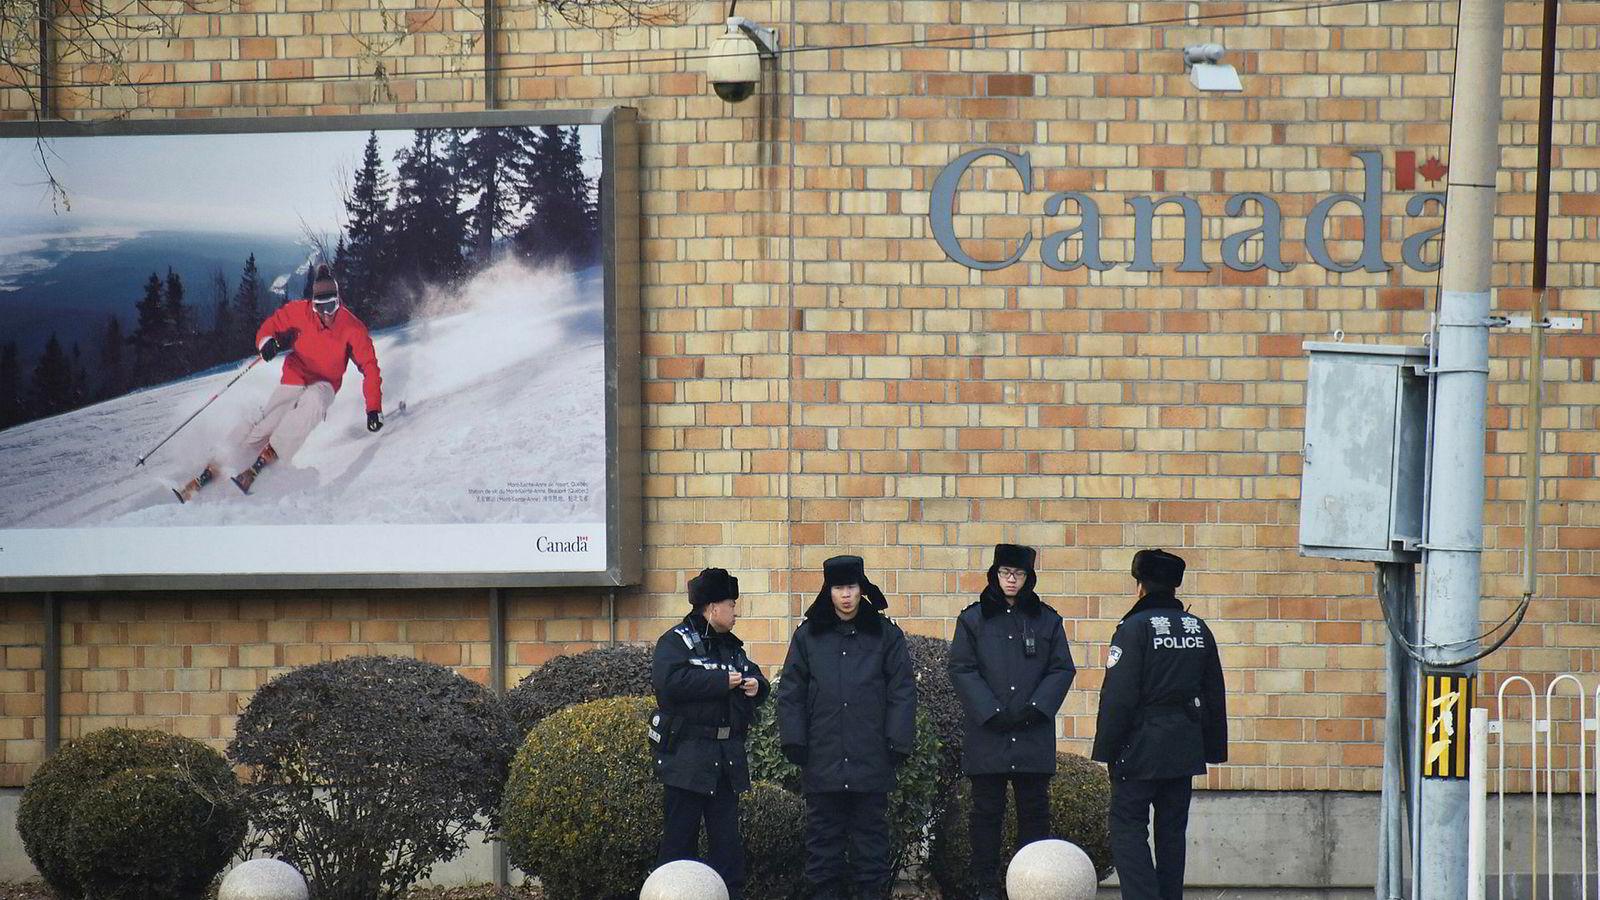 Forholdet mellom Kina og Canada er ikke det beste for øyeblikket. På bildet står kinesisk politi vakt utenfor Canadas ambassade i Beijing.